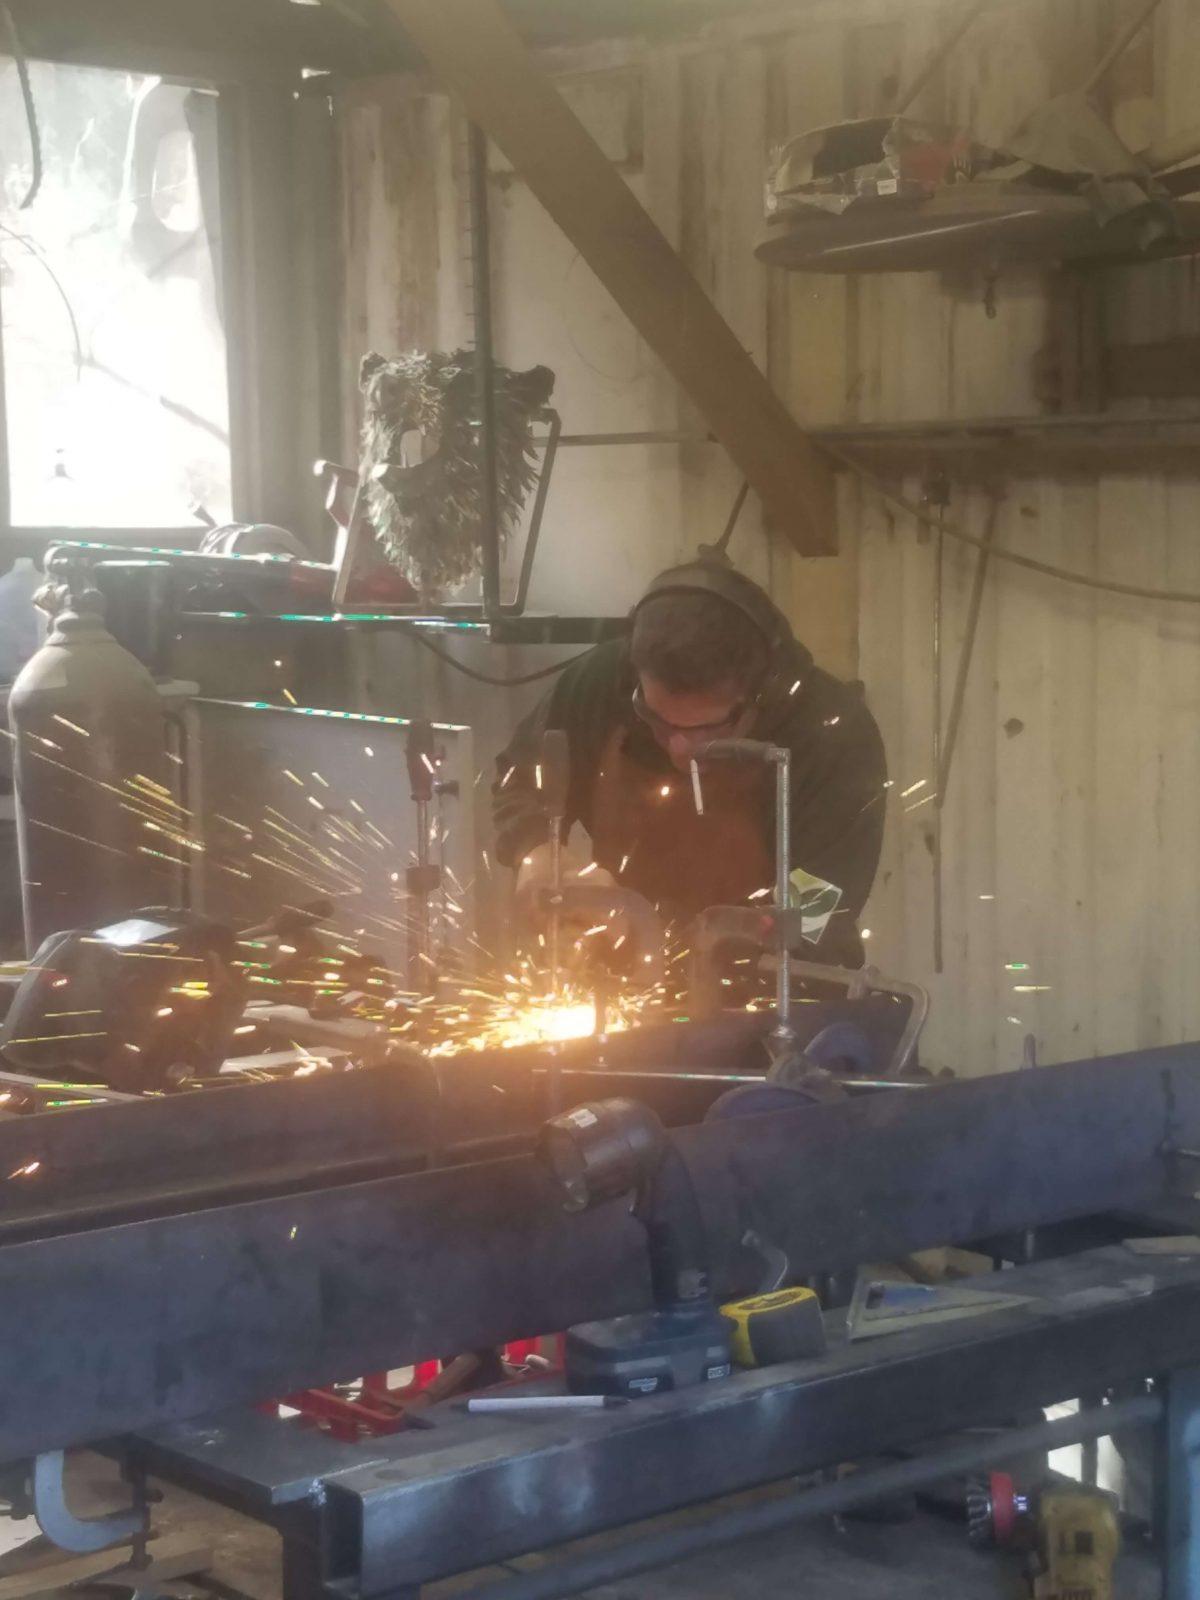 Welding at metal shop